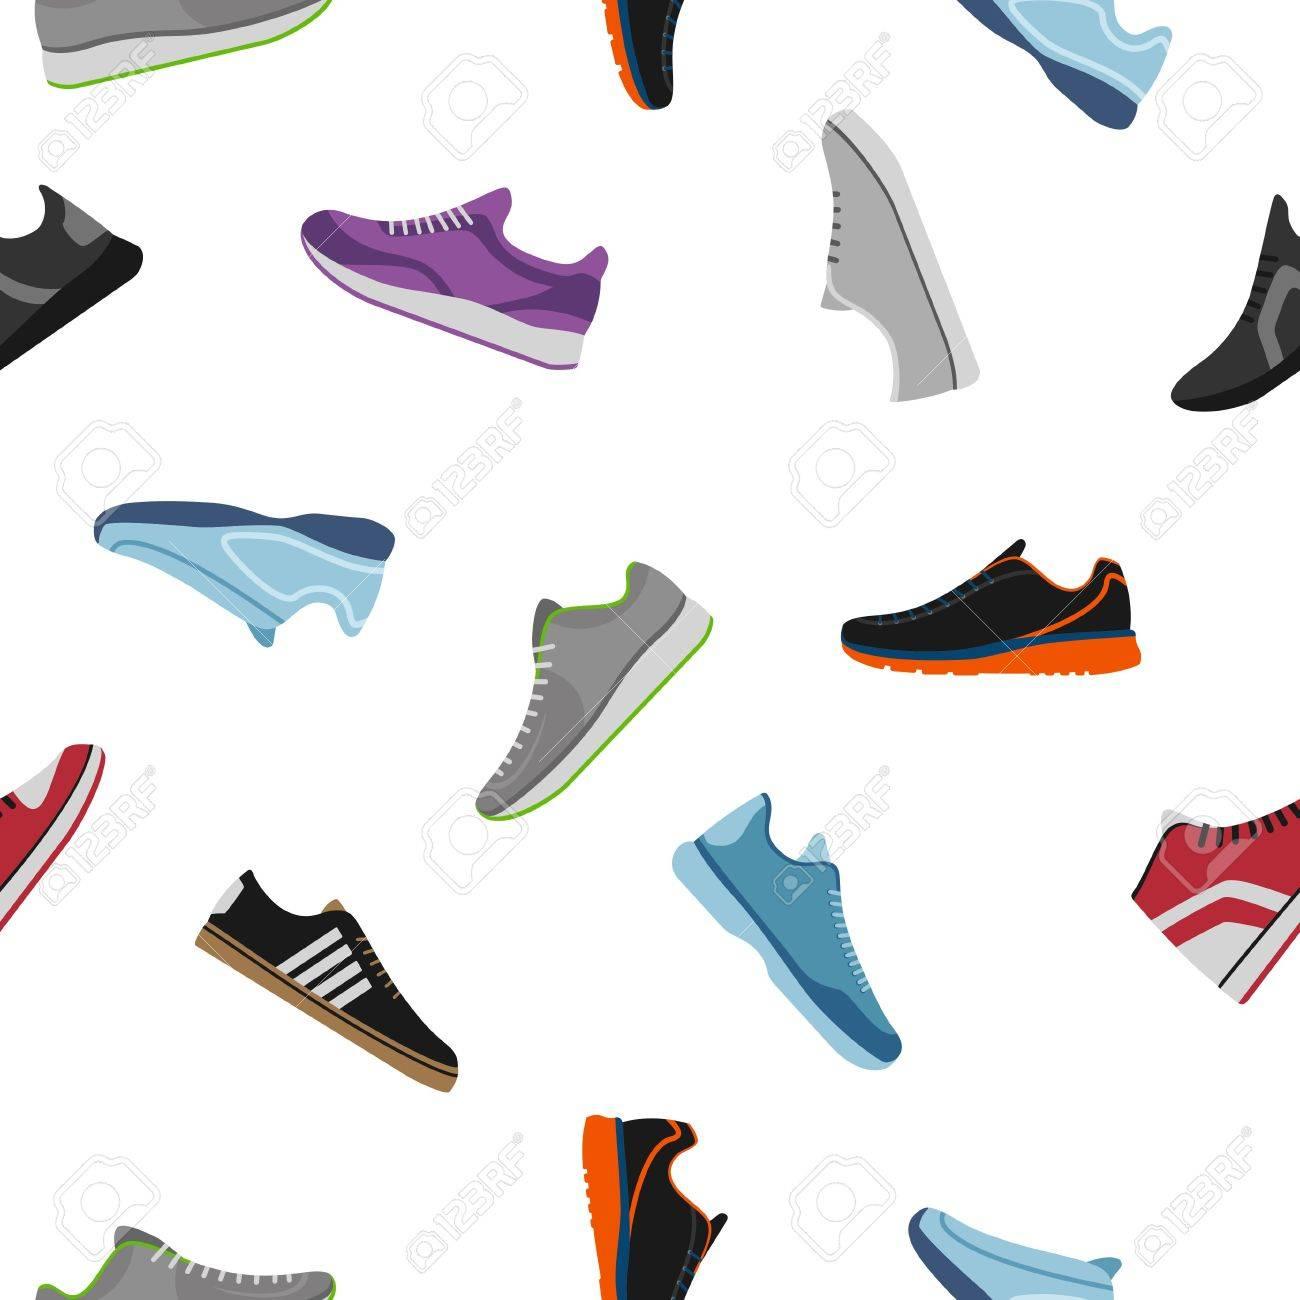 dd7646b6df Foto de archivo - Patrón de zapatos sobre fondo blanco. Zapatillas  deportivas, ropa de calzado cotidiana en estilo plano. Keds altos y bajos,  calzado para ...